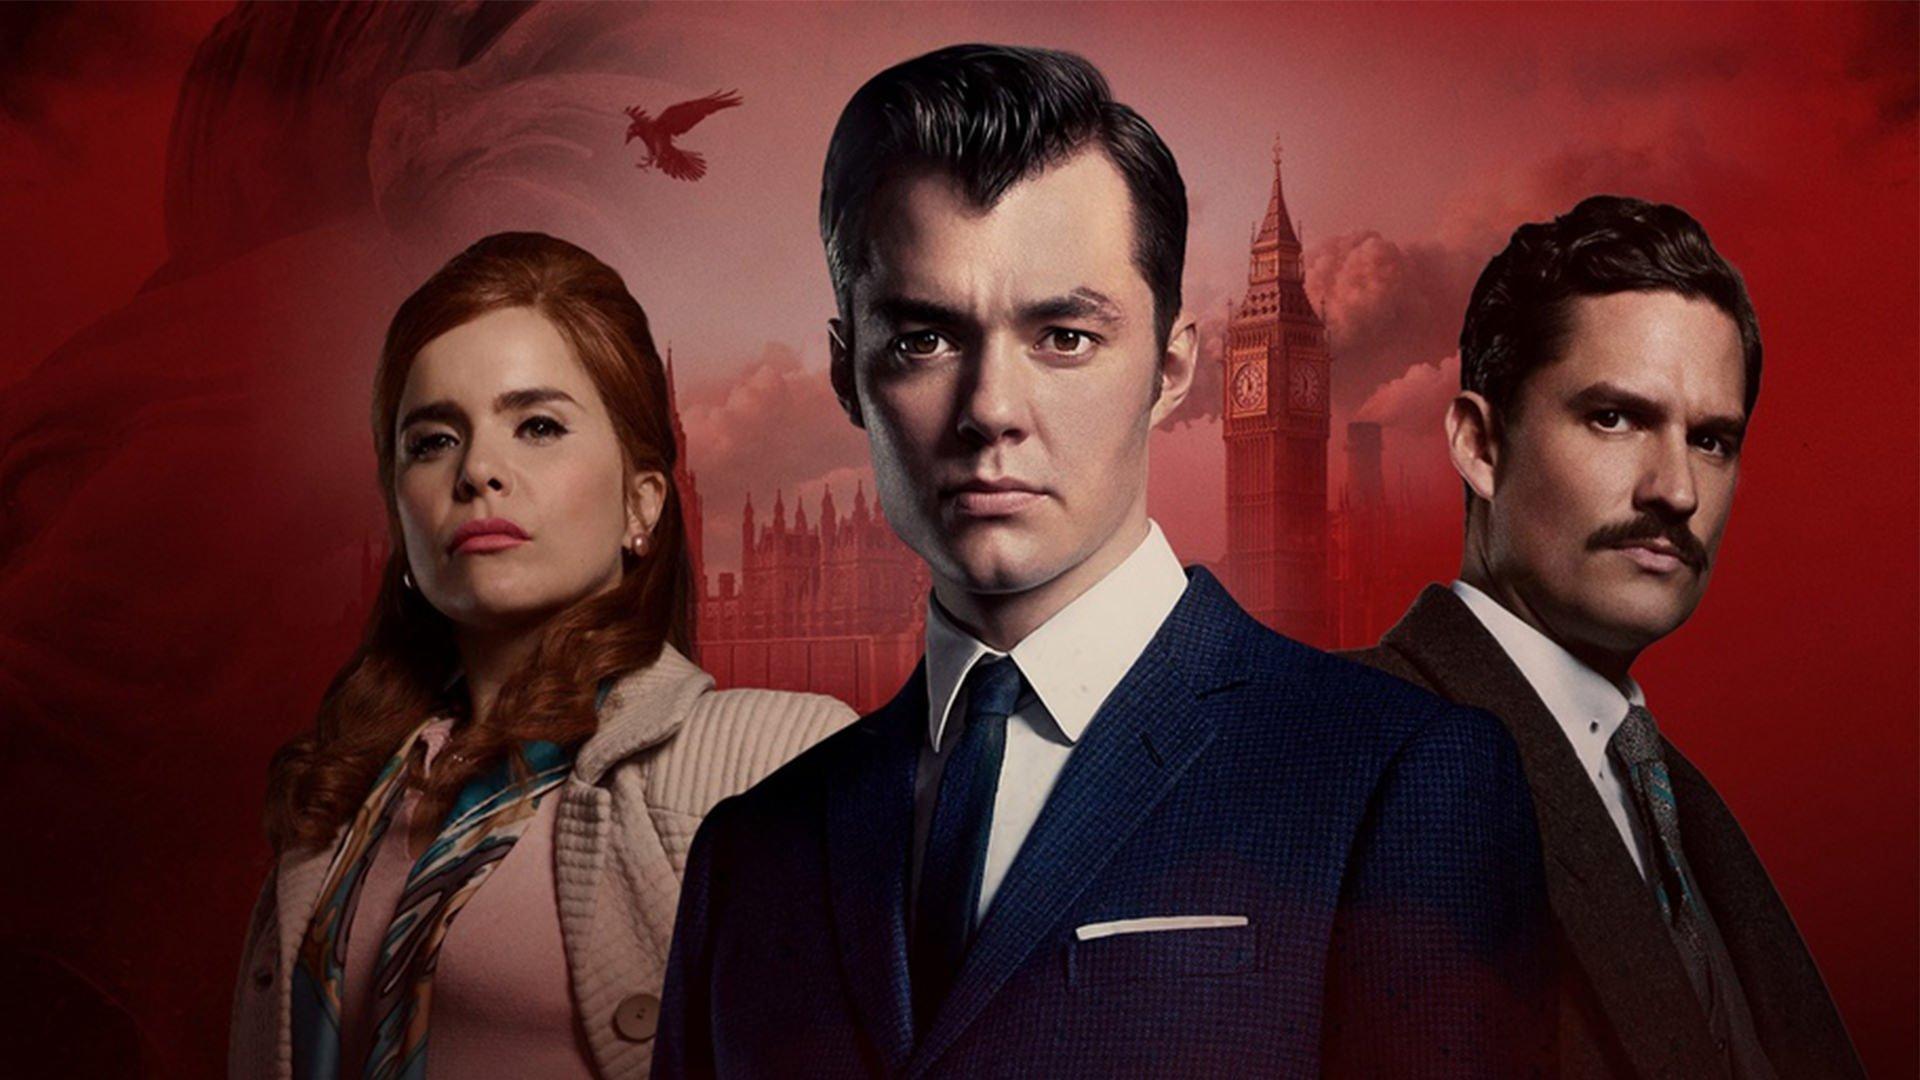 تمدید سریال Pennyworth برای فصل سوم تا انتقال به شبکه HBO Max